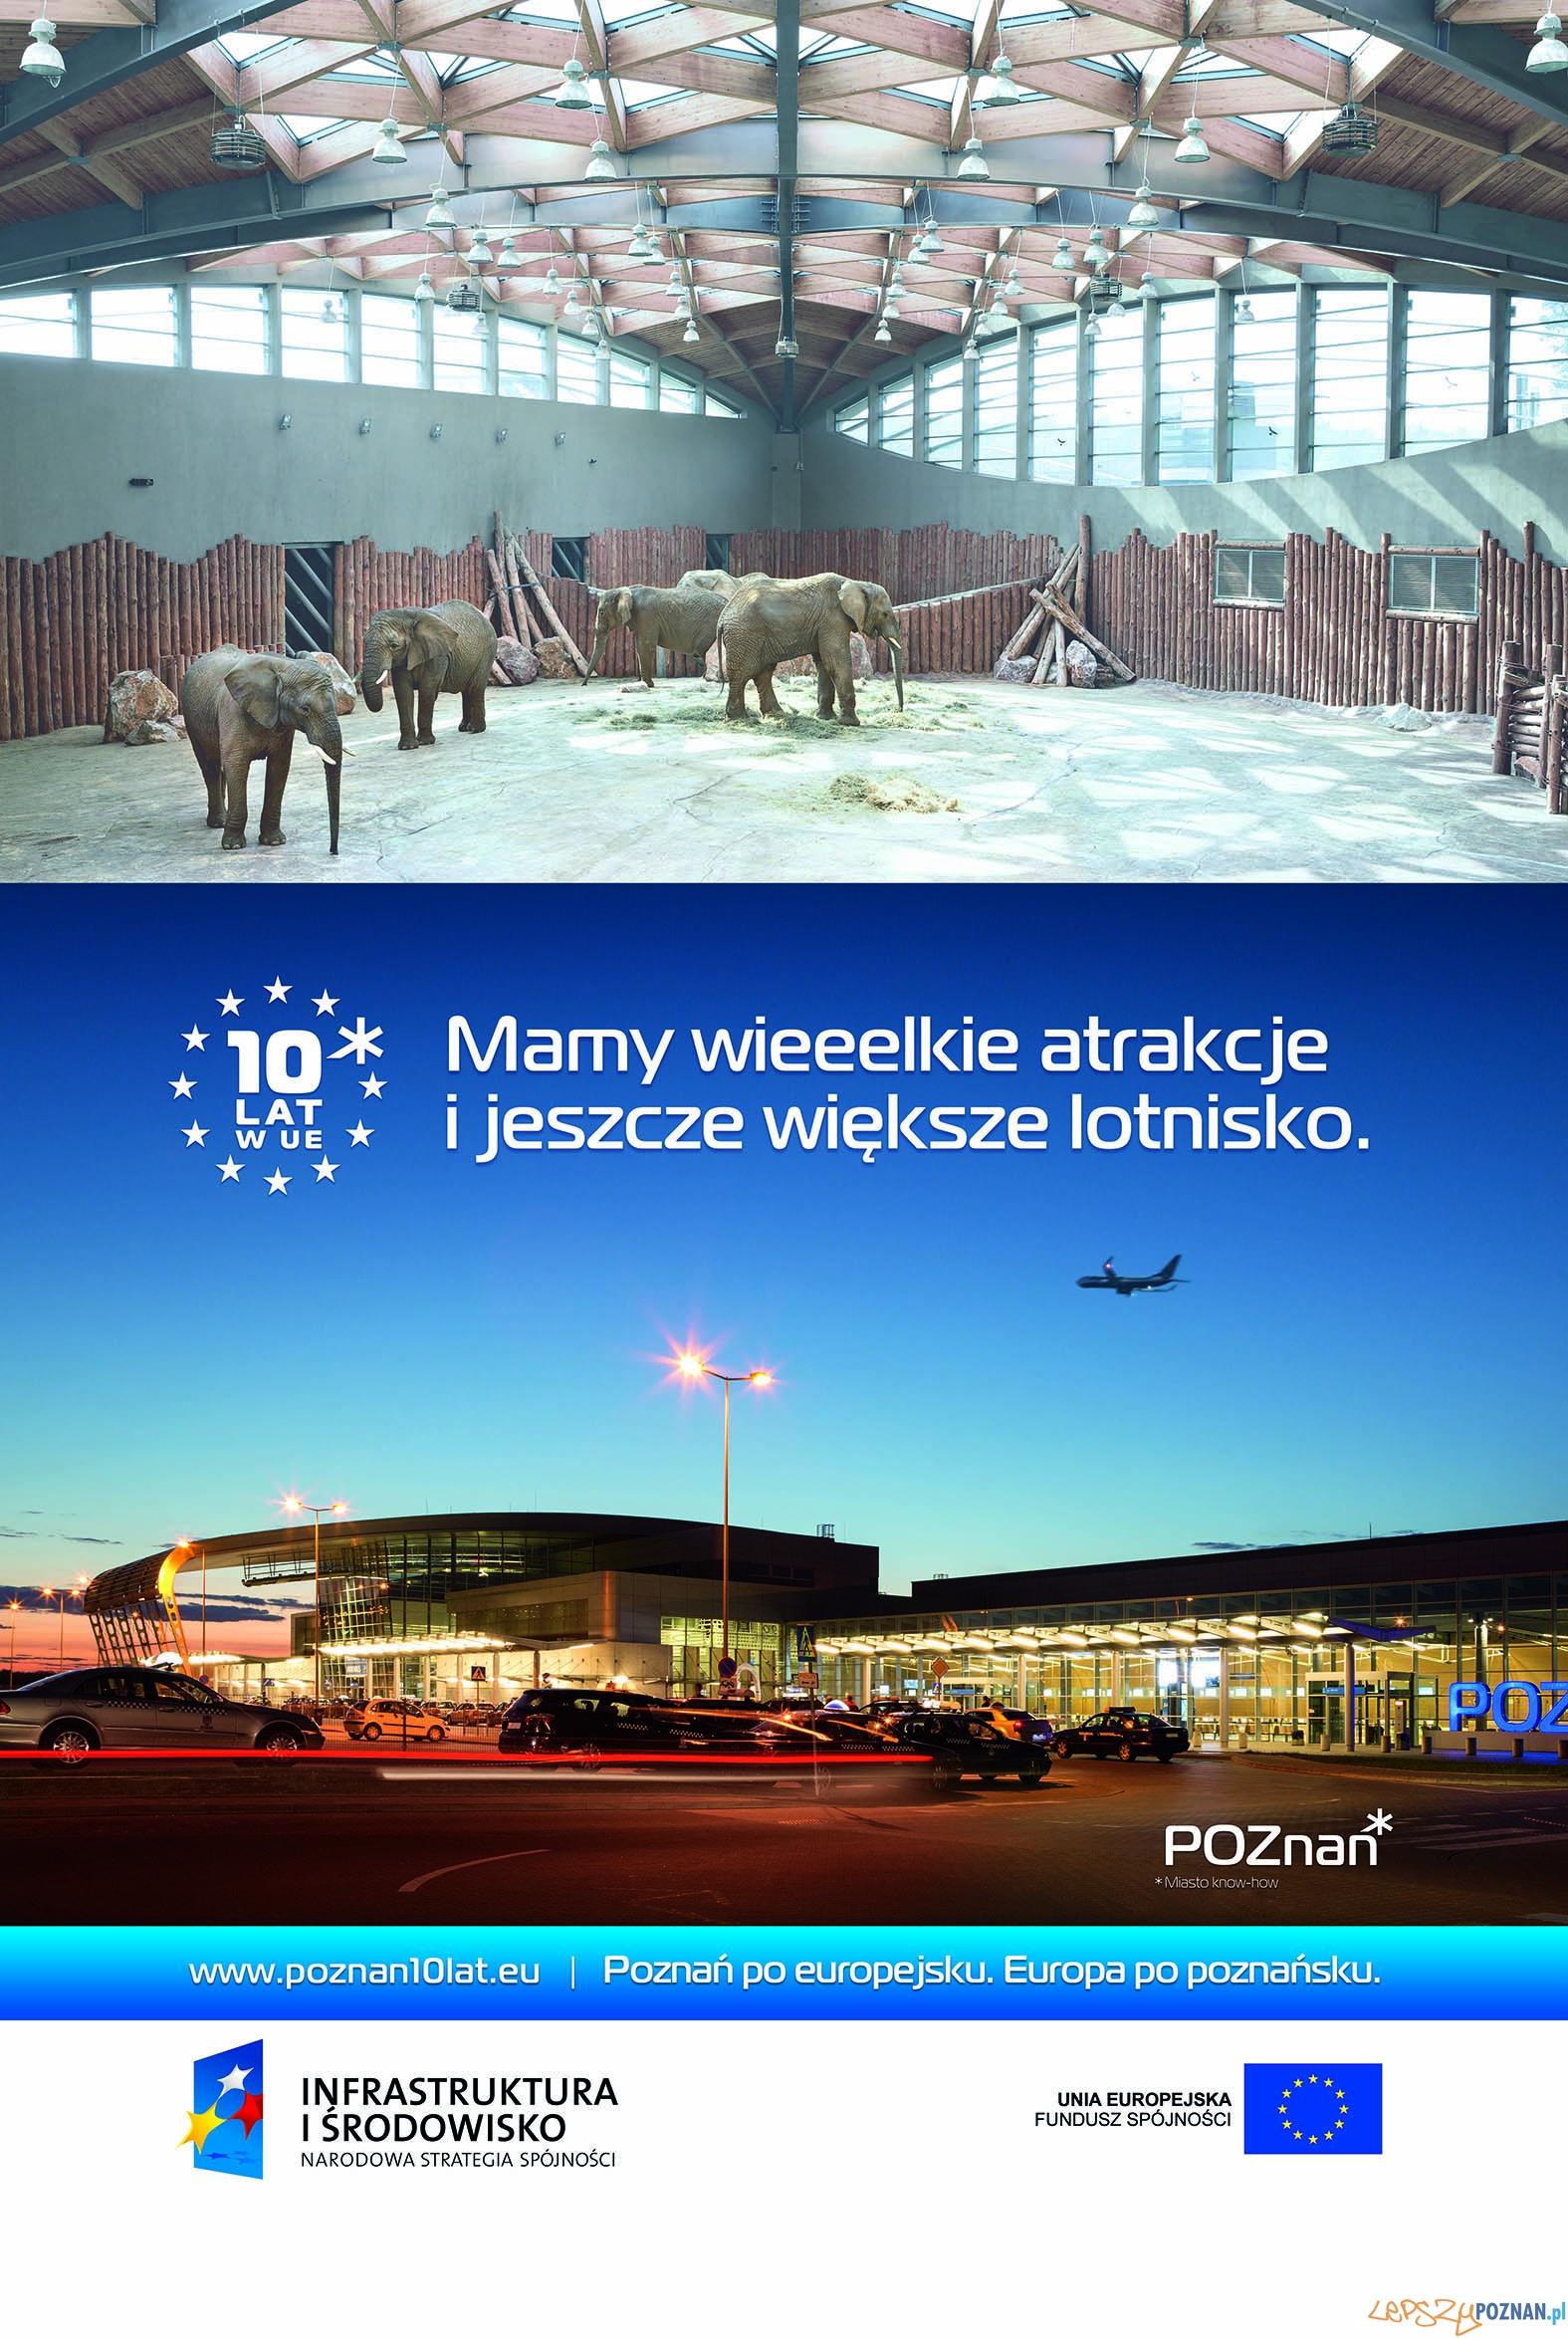 POZNAN citylight lotnisko+slonie-1  Foto: